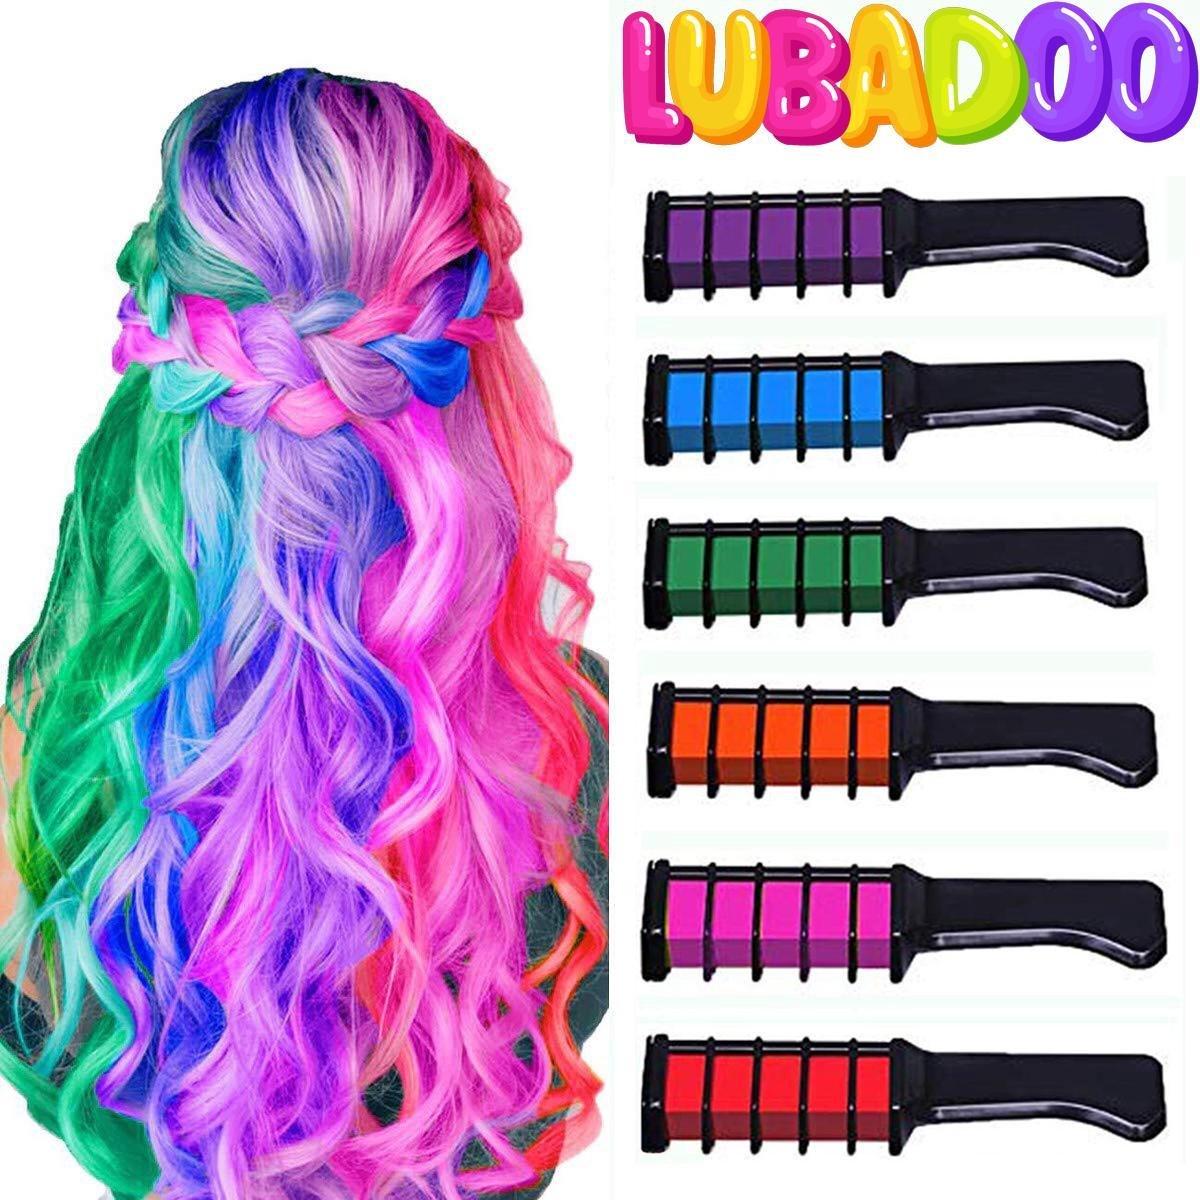 LUBADOO - Haarkrijt - Haarkrijt voor Kinderen - Haarmascara - Hair chalk - Haarkrijt kam - Haarstift